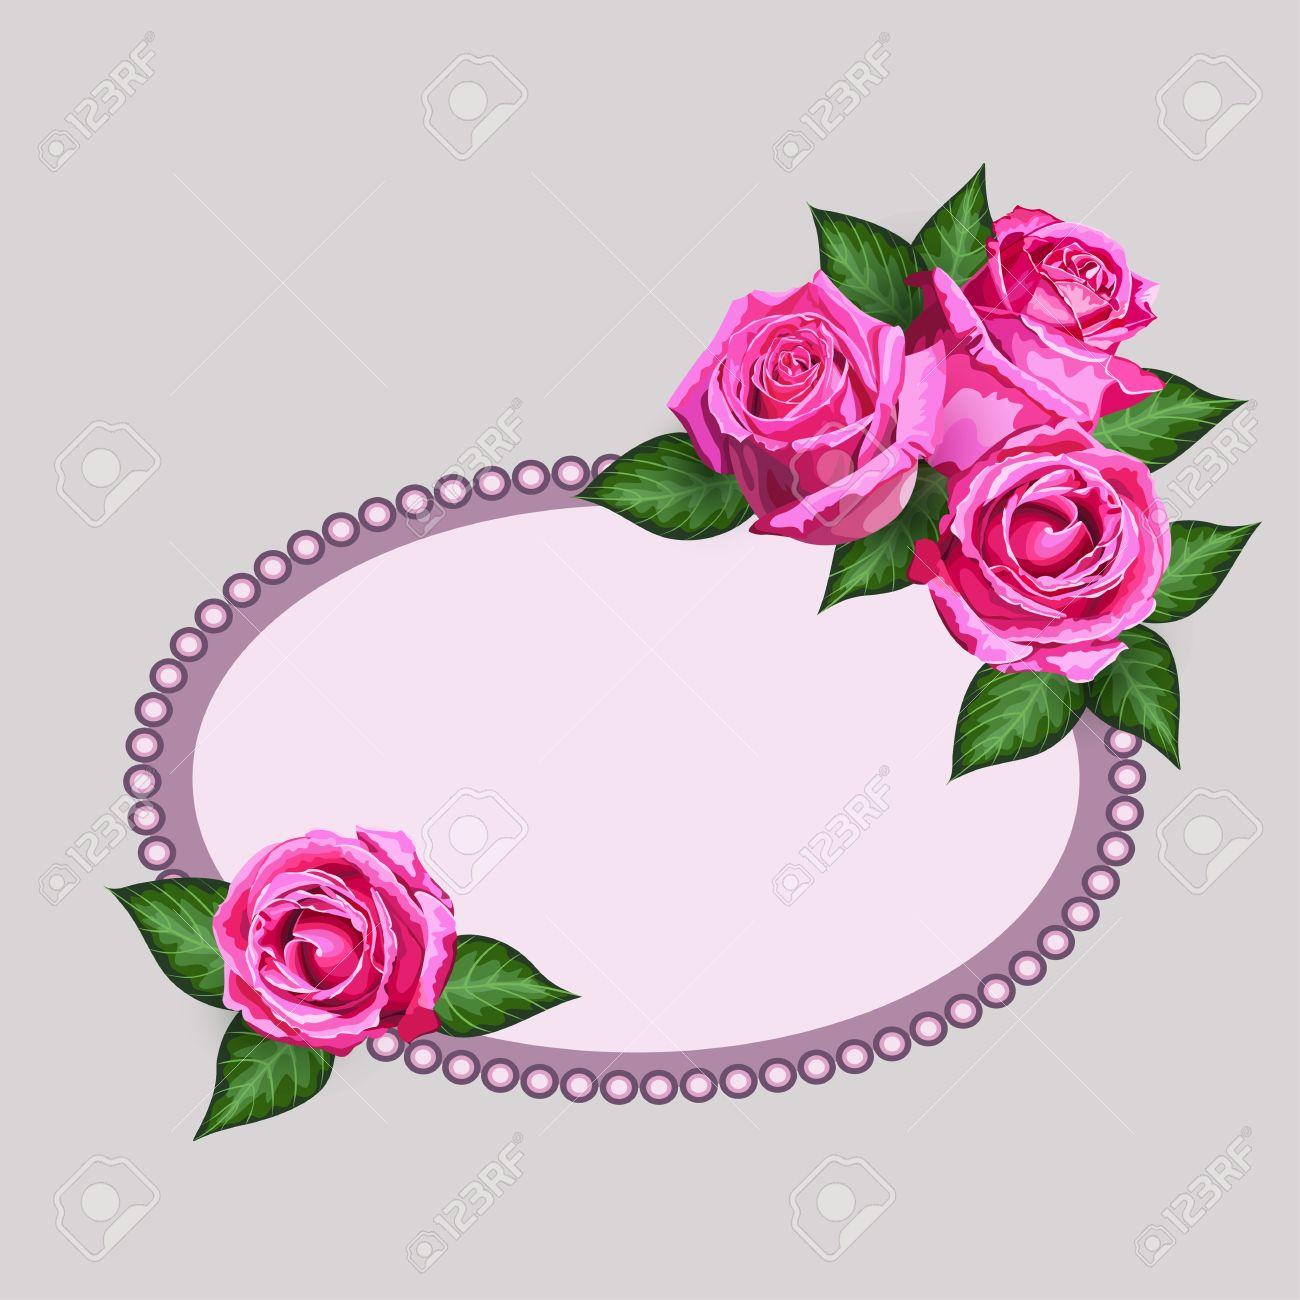 Tarjeta De Regalo Con Rosas Realistas Flores Y Marco Ornated. Vector ...